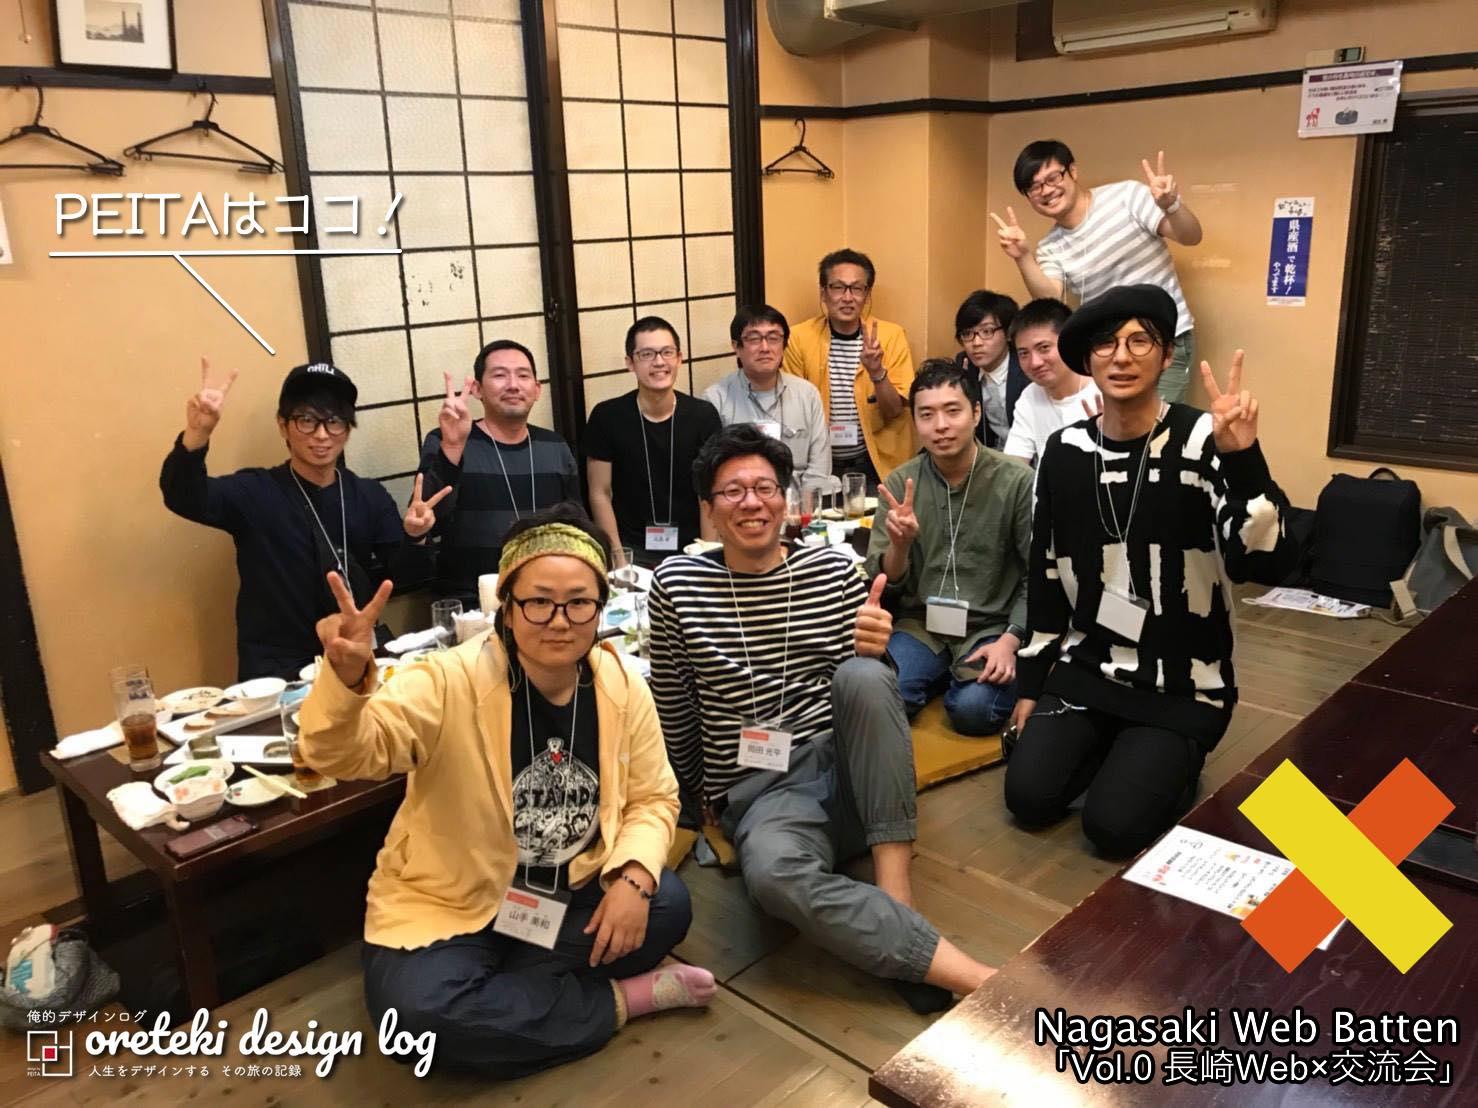 長崎Webばってん勉強会の写真